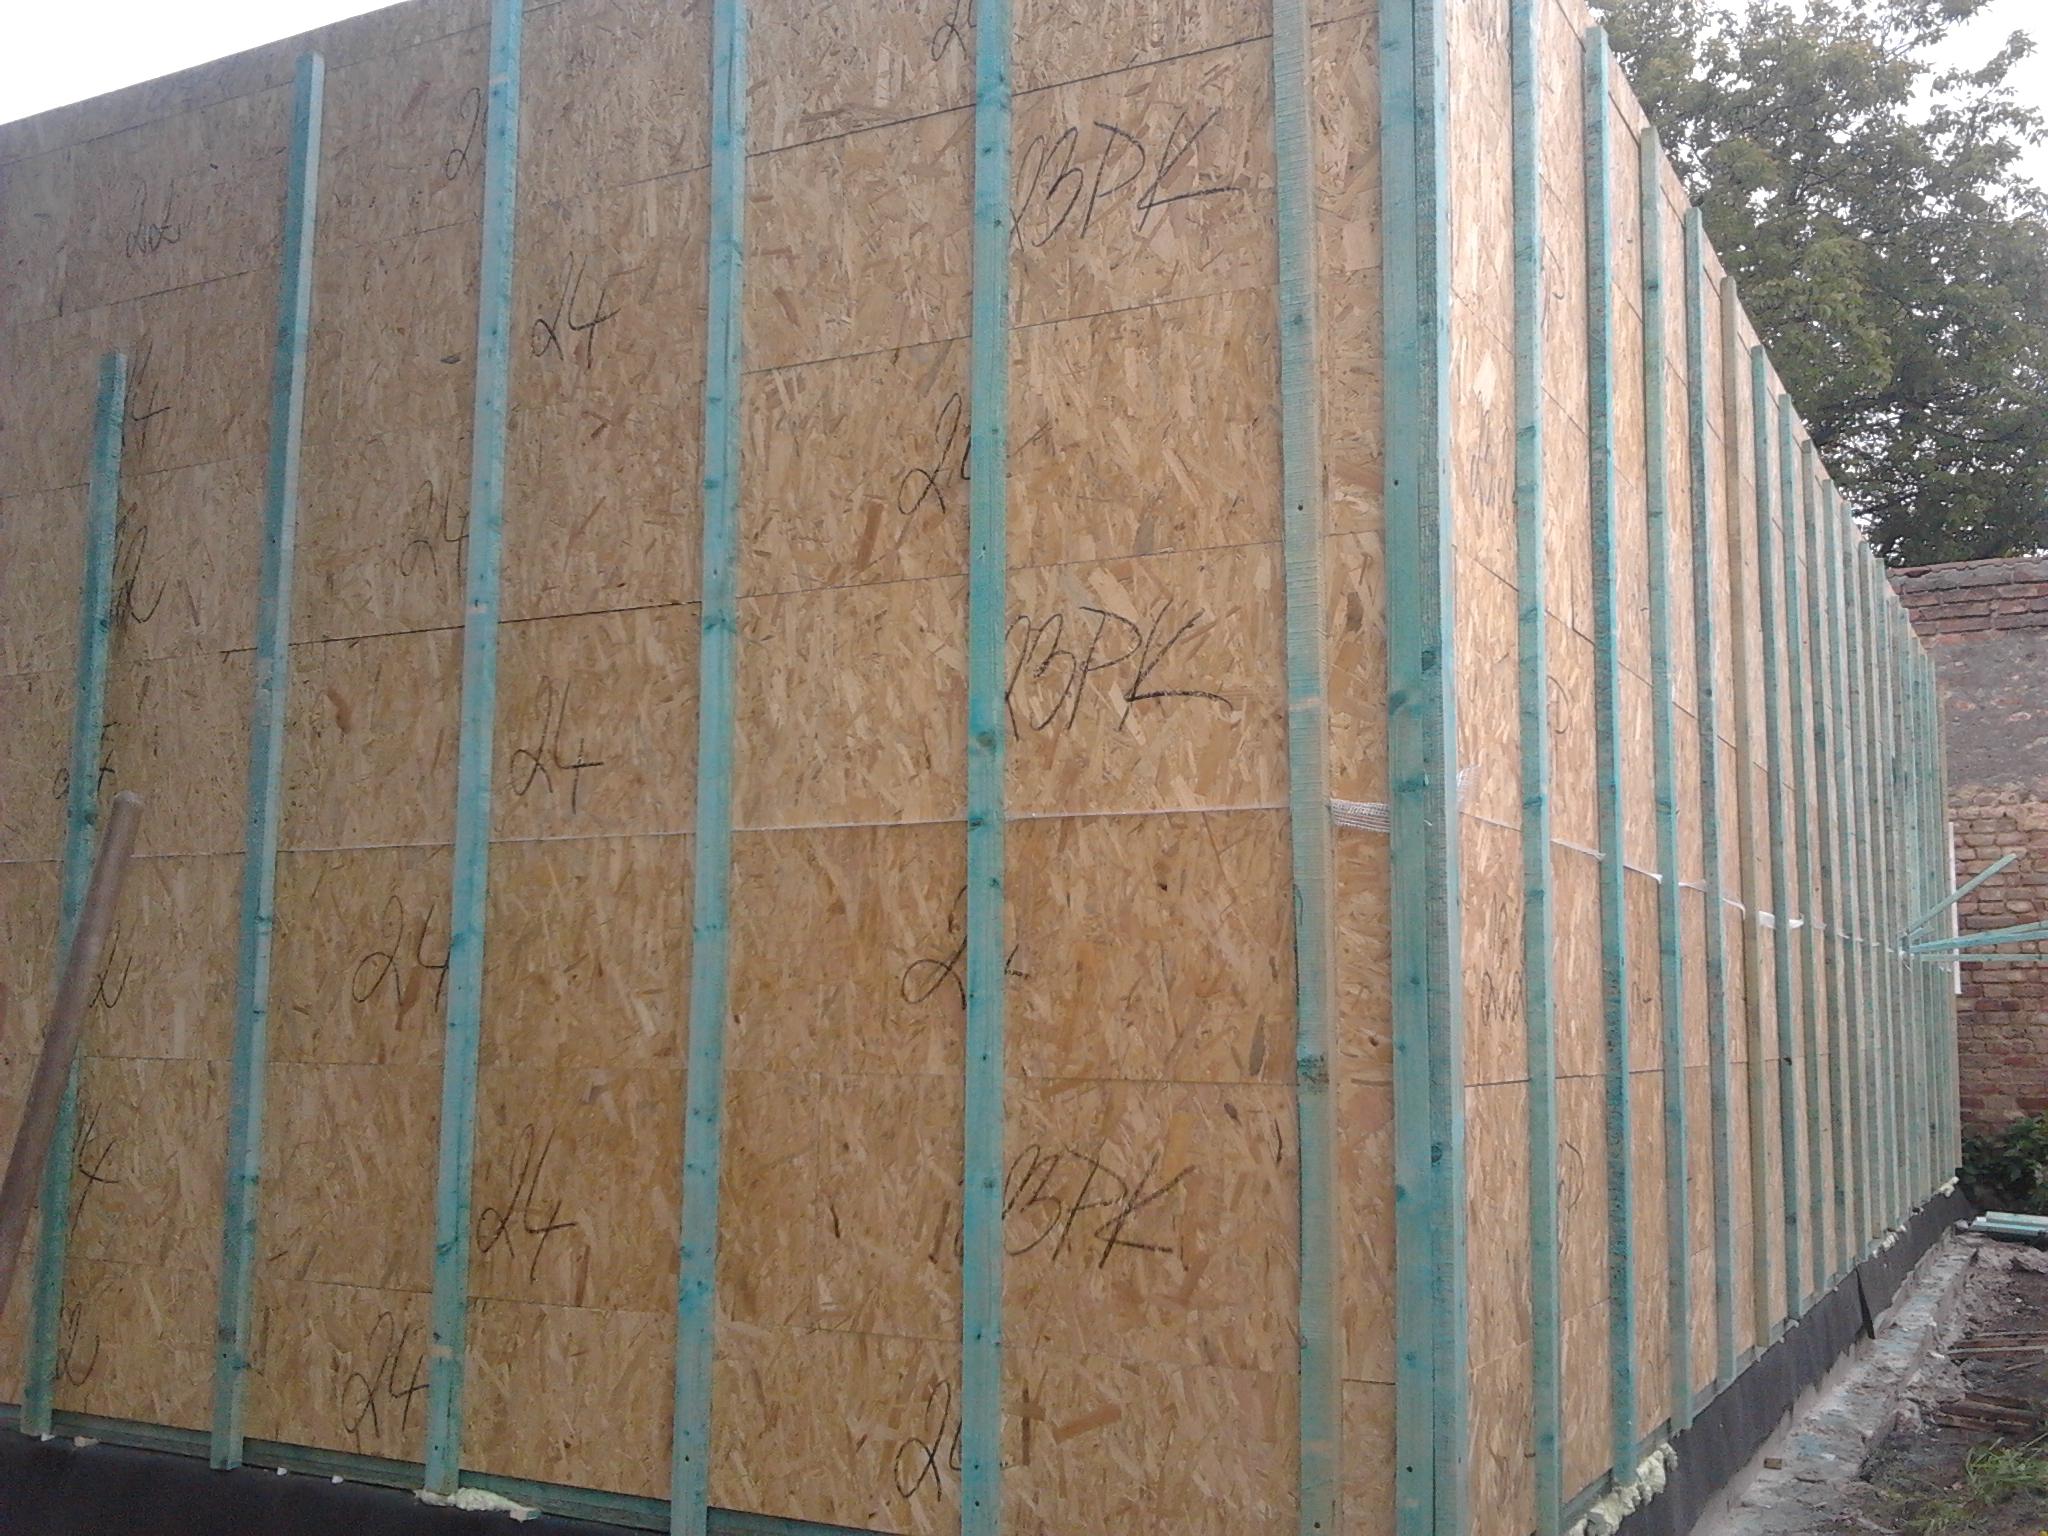 Výstavba RD Velim-výstavba domu na klíč | Laťování venkovní ploch stěn pro fixaci a spojení řad modulů v jeden celek-venkovní  laťování po 50cm -zároveň tímto tvoříme pro vložení polystyrenové desky první části venkovního zateplení  domu - Laťování venkovní ploch stěn pro fixaci a spojení řad modulů v jeden celek-venkovní  laťování po 50cm -zároveň tímto tvoříme pro vložení polystyrenové desky první části venkovního zateplení  domu